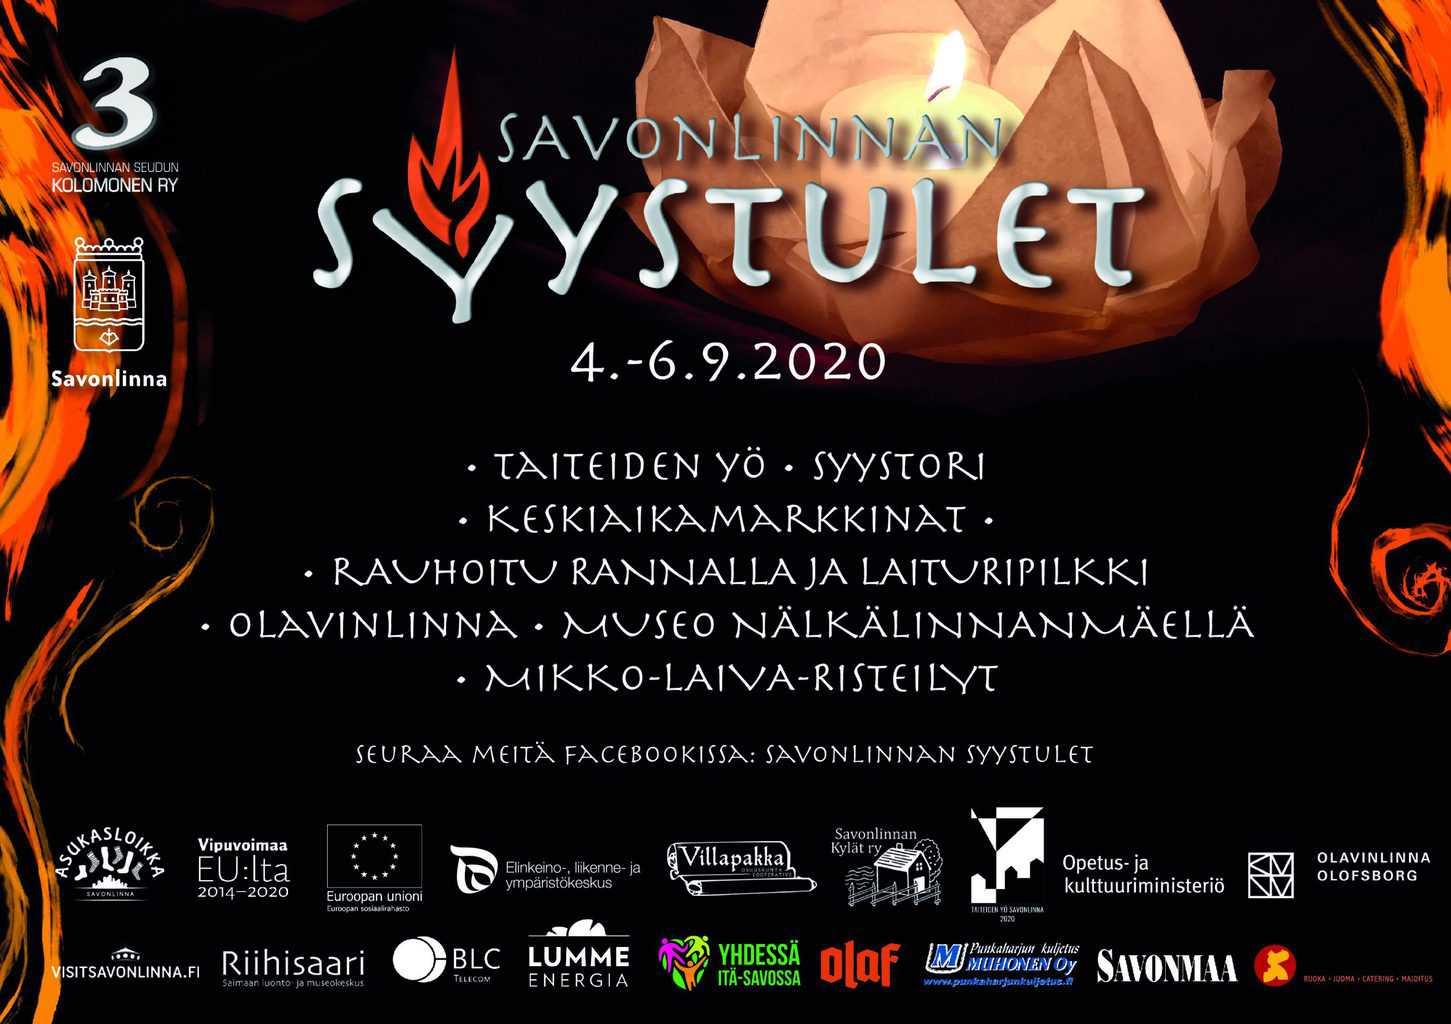 Savonmaa_syystulet_ilmoitus 255x180-01